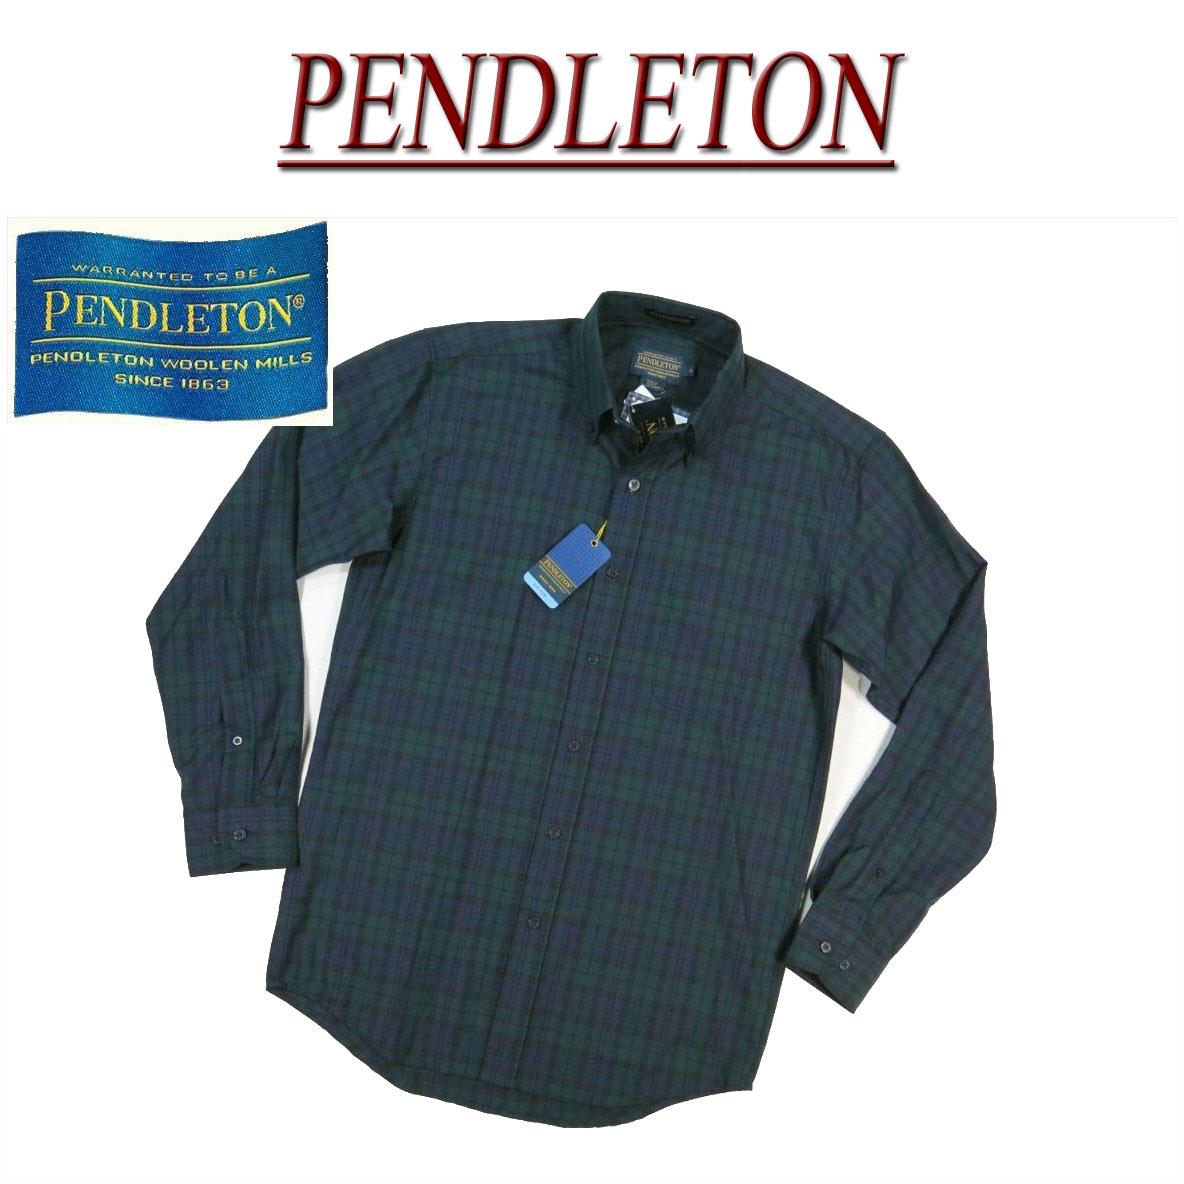 【3色5サイズ】 aa804 新品 PENDLETON SIR PENDLETON VIRGIN WOOL SHIRT FITTED タータンチェック 長袖 ボタンダウン ウールシャツ BA020-10052 メンズ サーペンドルトン チェックシャツ ペンデルトン ボタンダウンシャツ アメカジ 【smtb-kd】